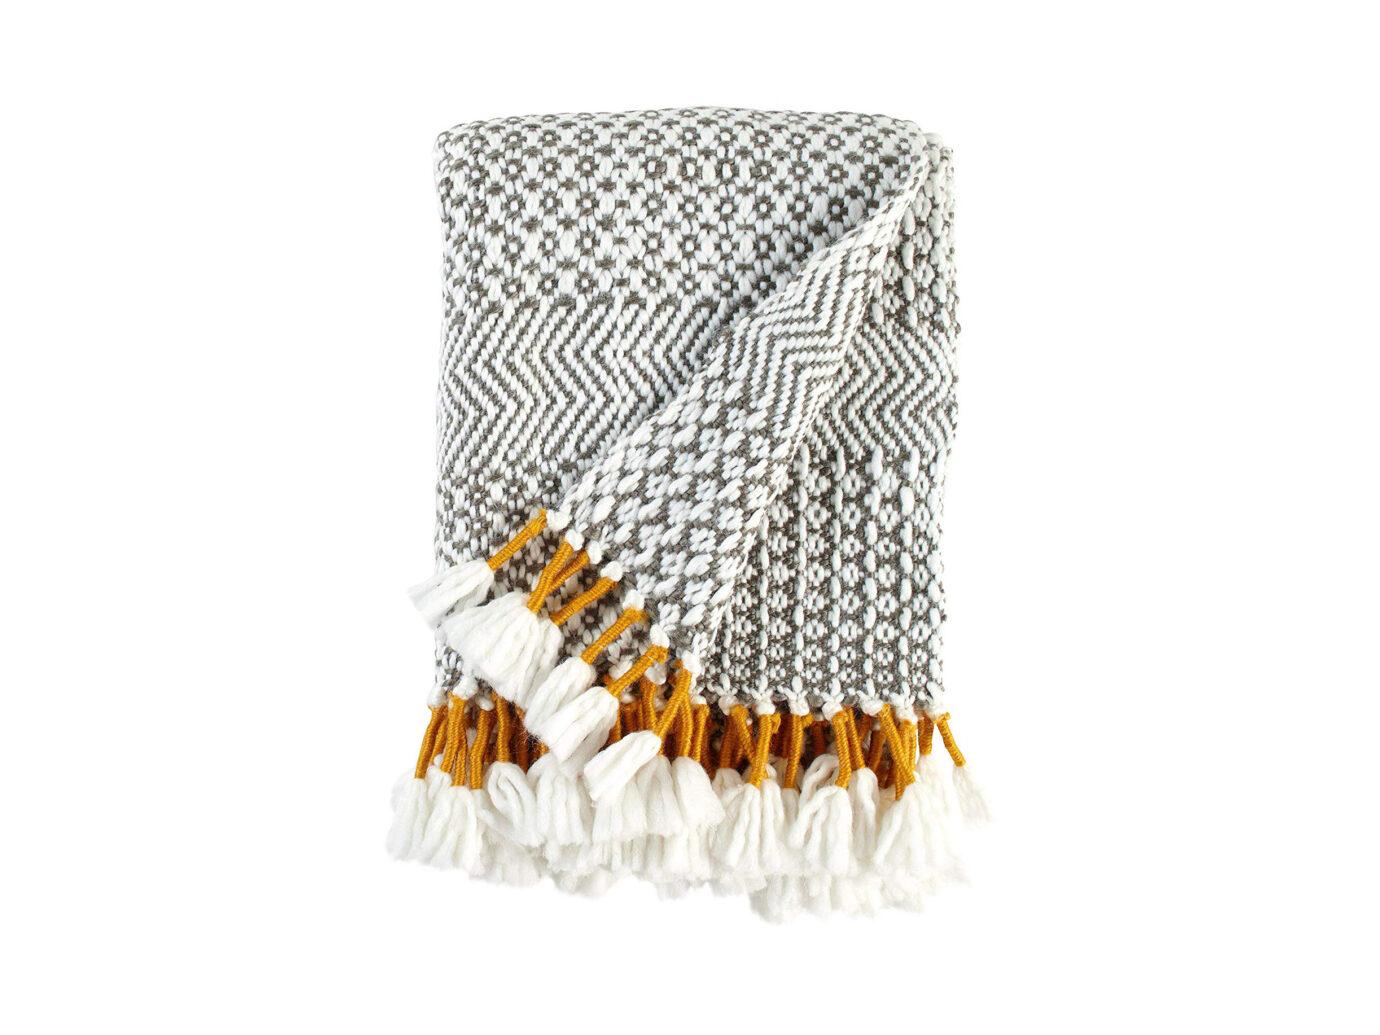 Rivet Modern Hand-Woven Throw Blanket